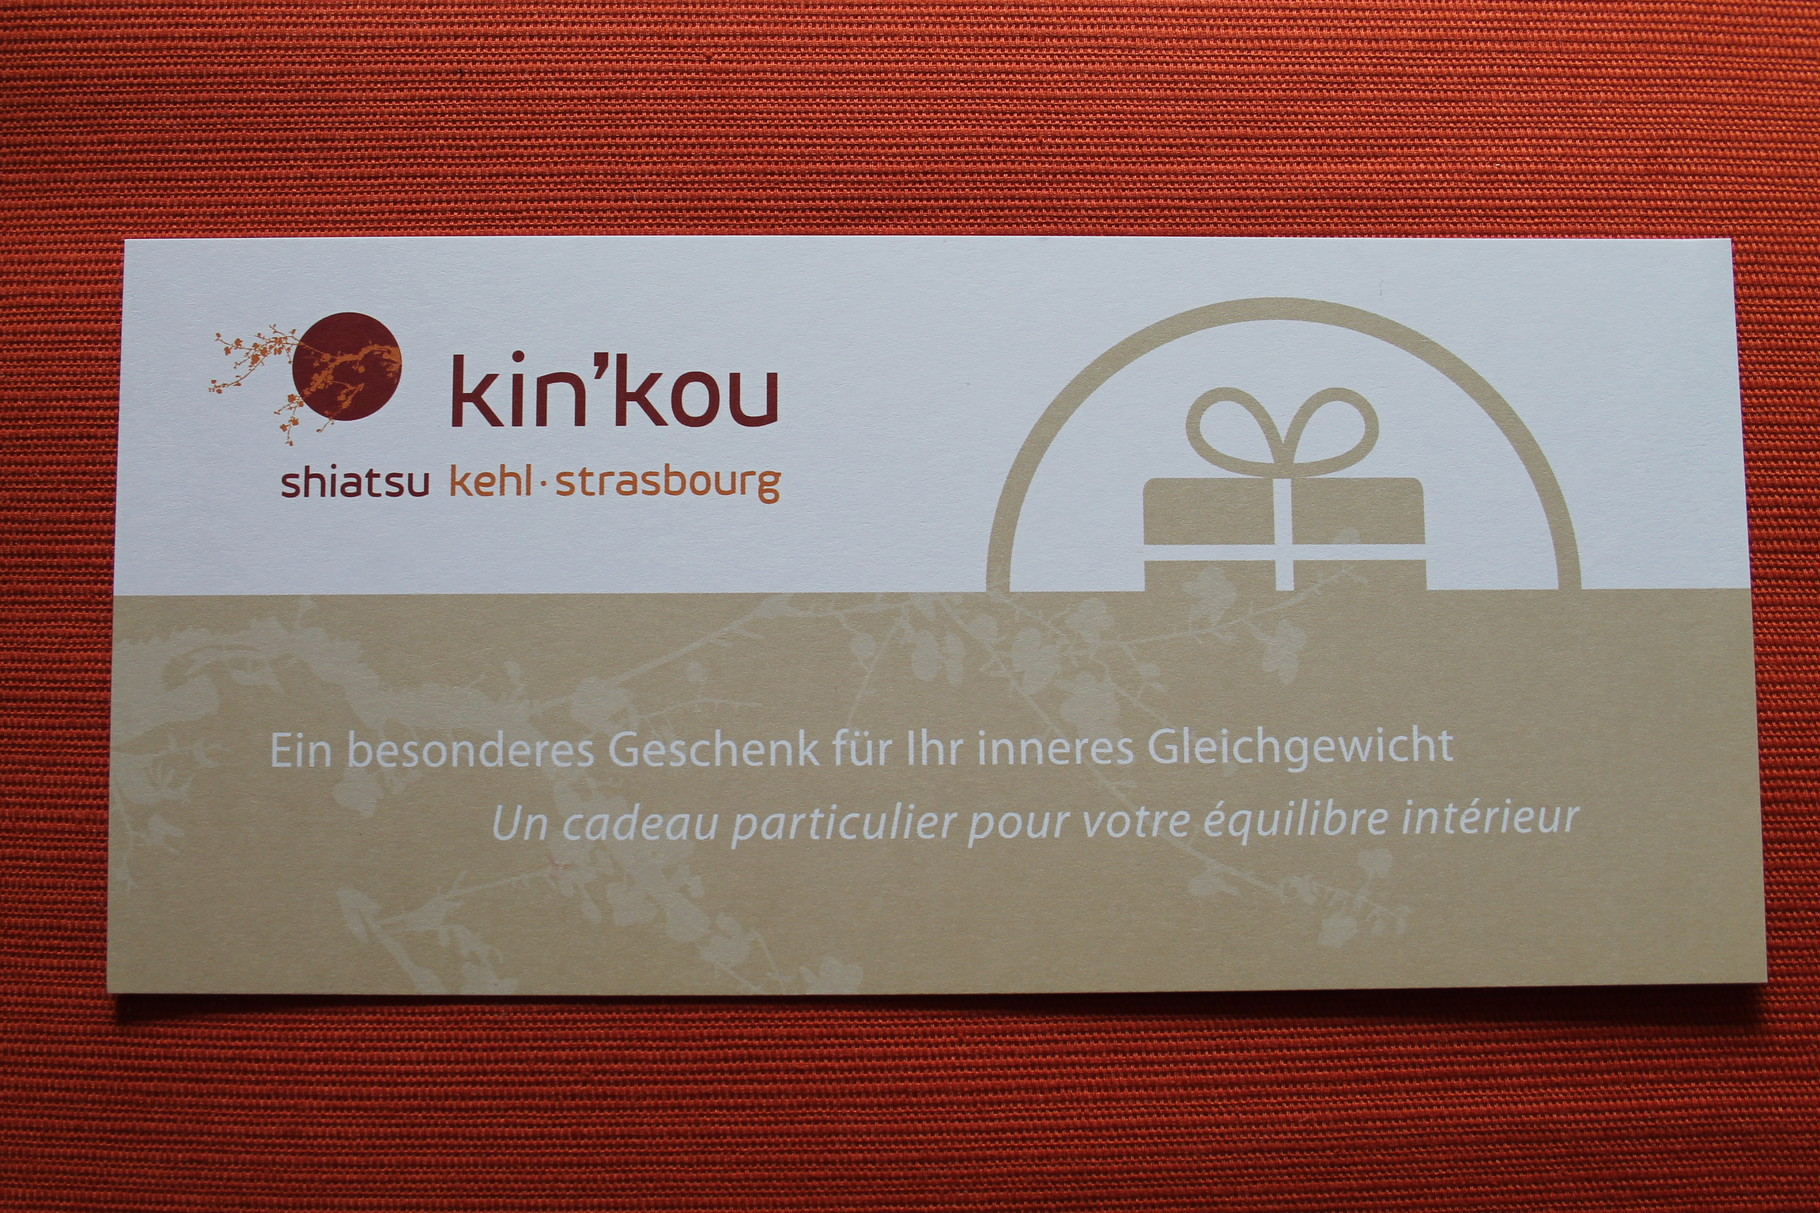 Vous cherchez une idée cadeau originale et infaillible? Le bon cadeau Kin'Kou Shiatsu / Kehl Strasbourg est le cadeau qui fait plaisir à tous les coups!